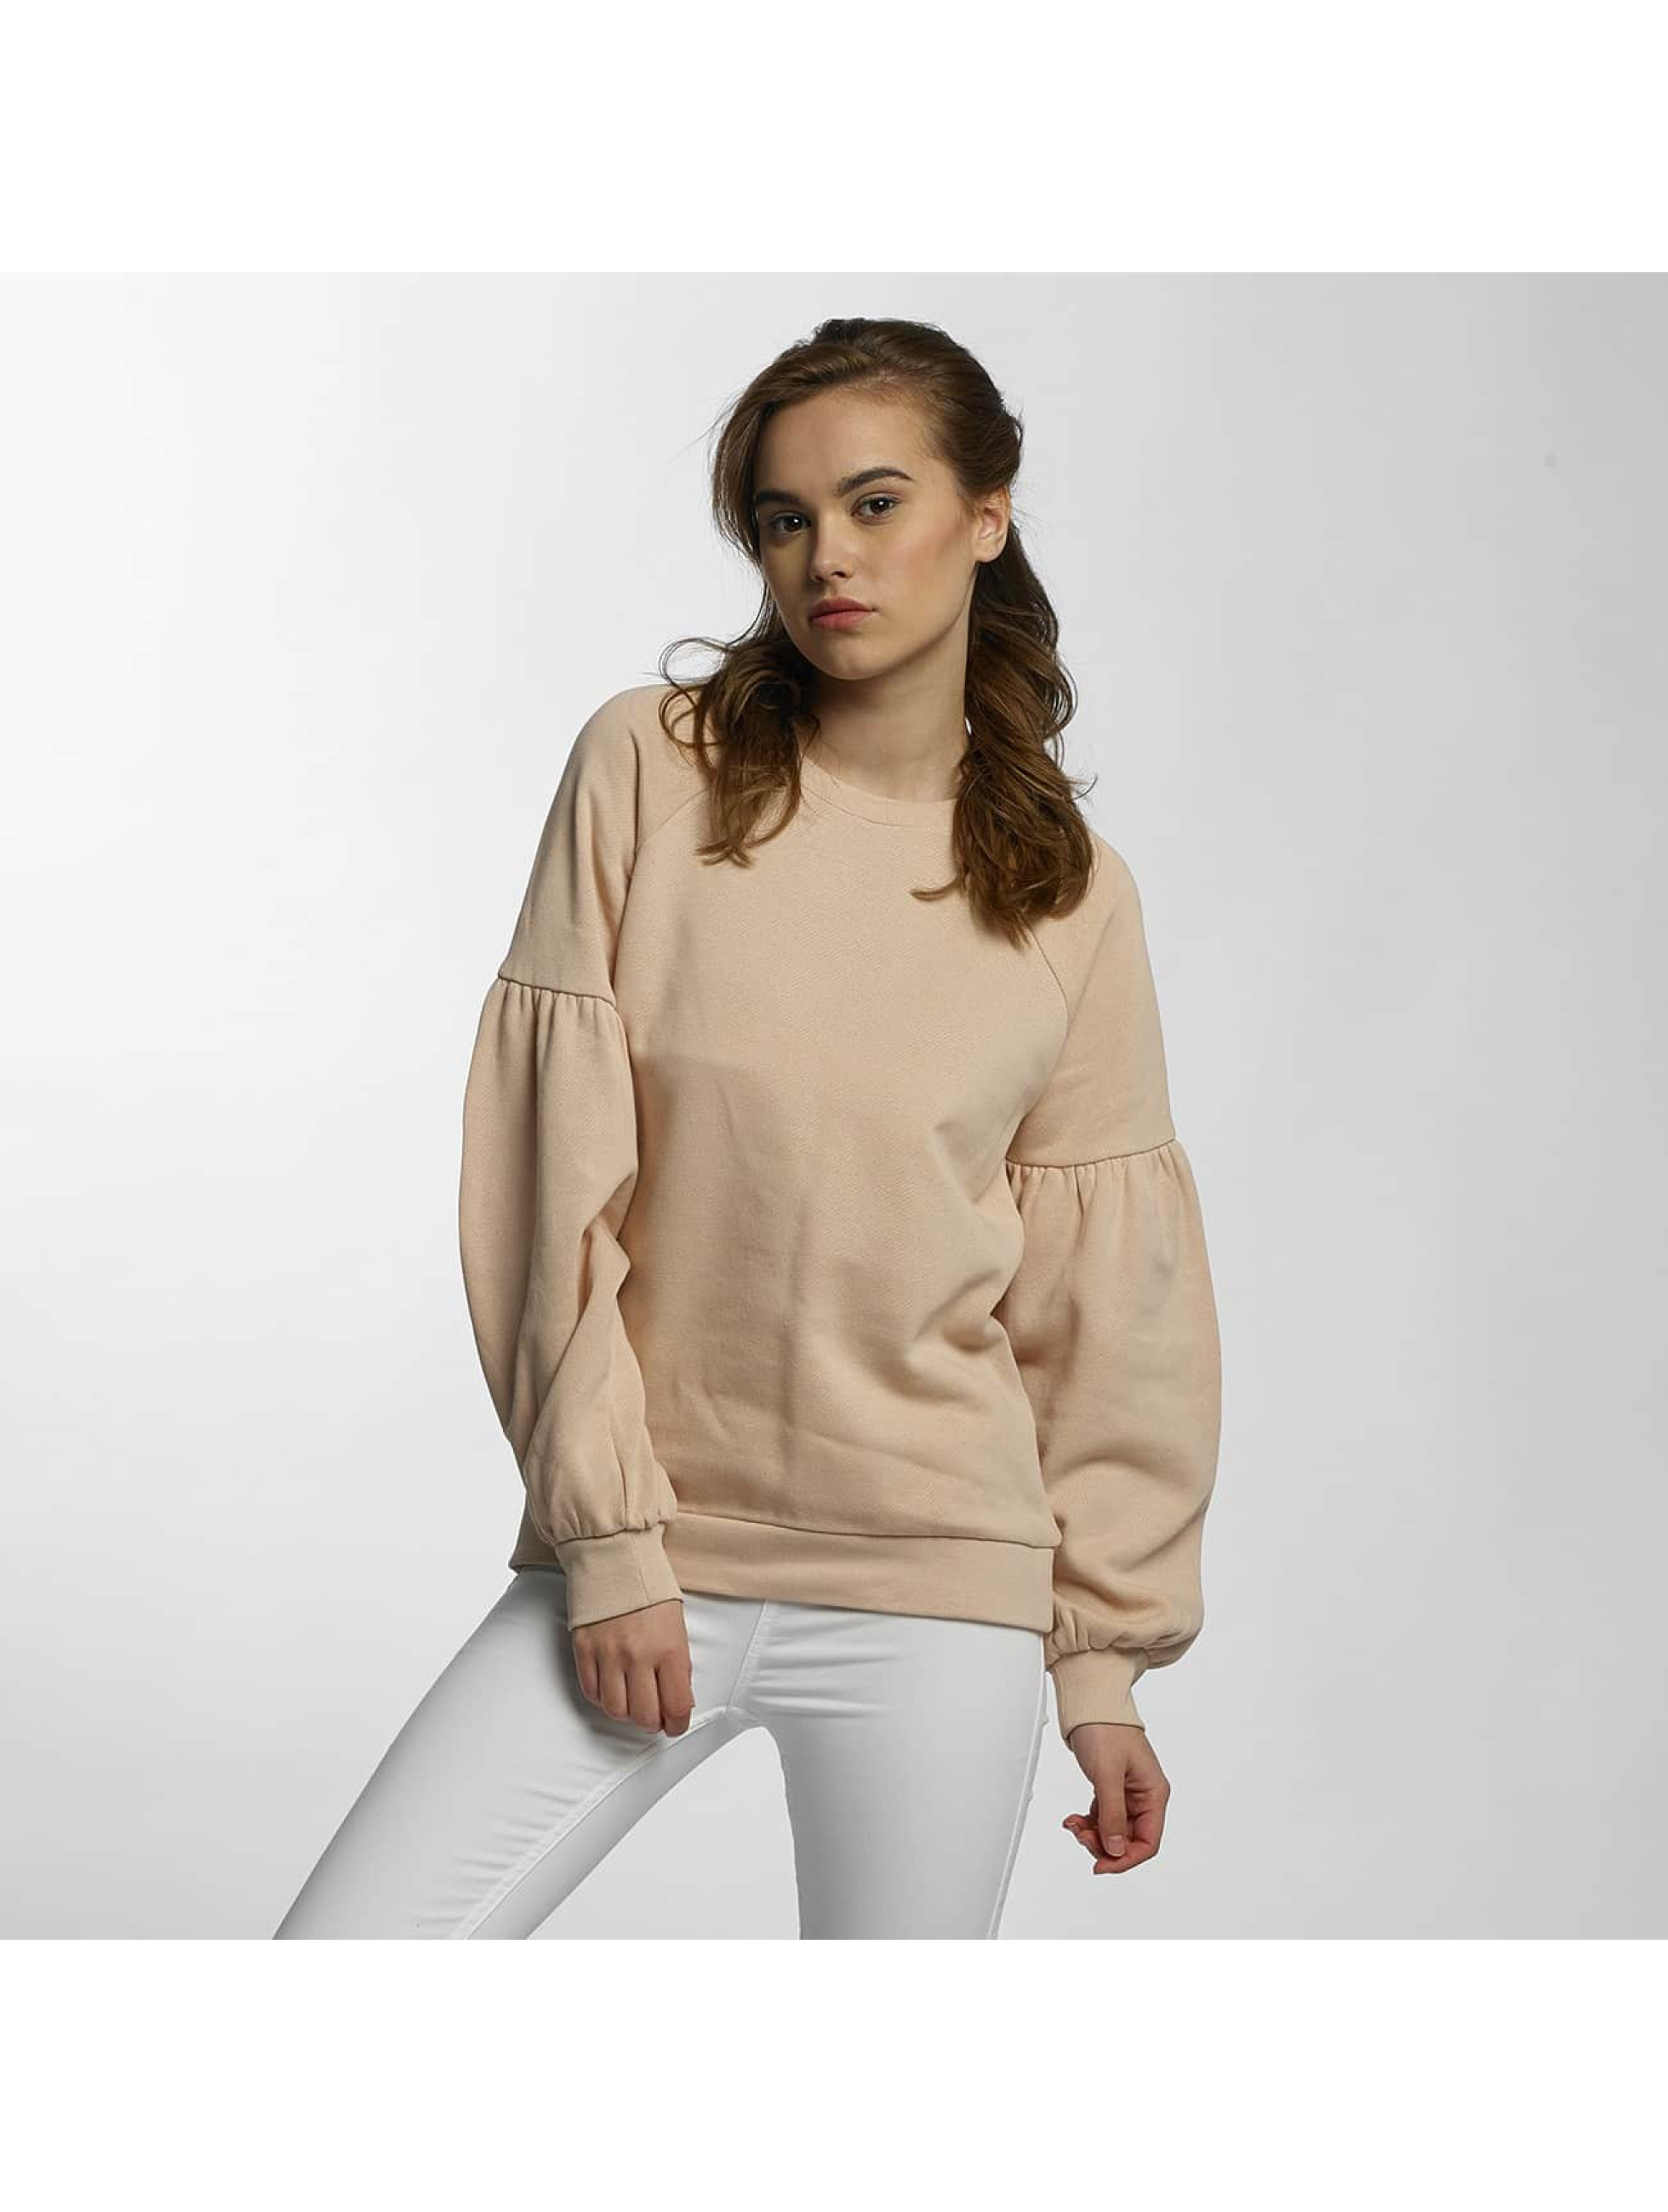 Vero Moda Frauen Pullover vmPuffy in beige Sale Angebote Döbern